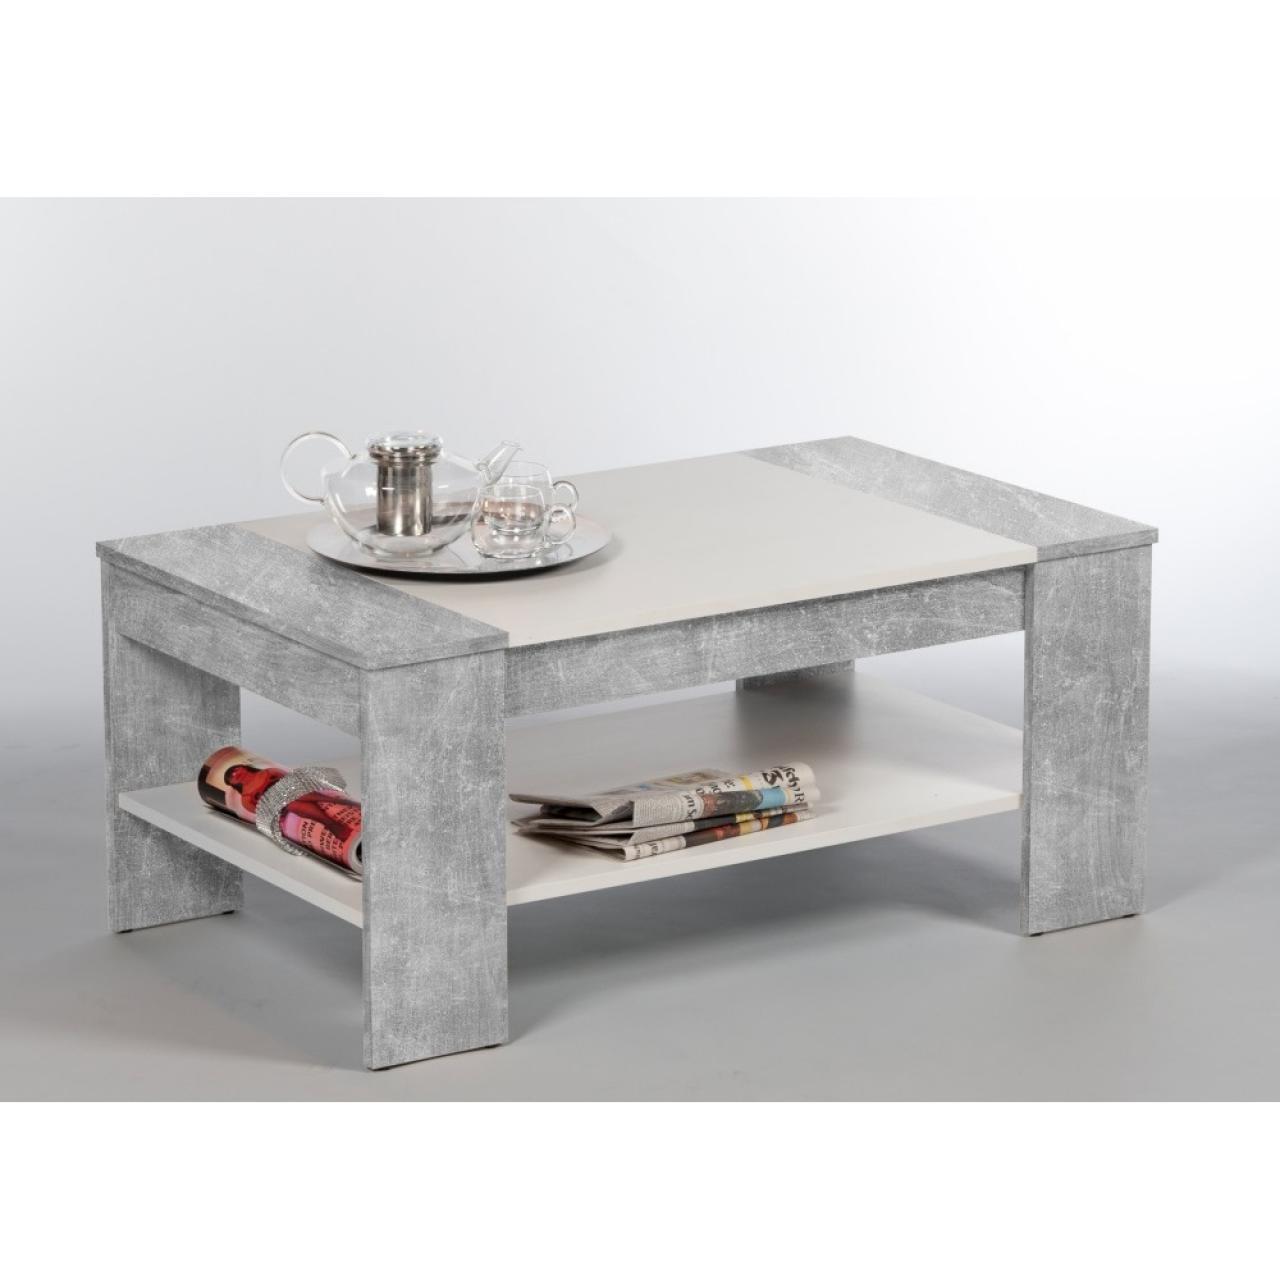 Couchtisch Finley Plus Beton Weiß Mit Schubkasten Möbel